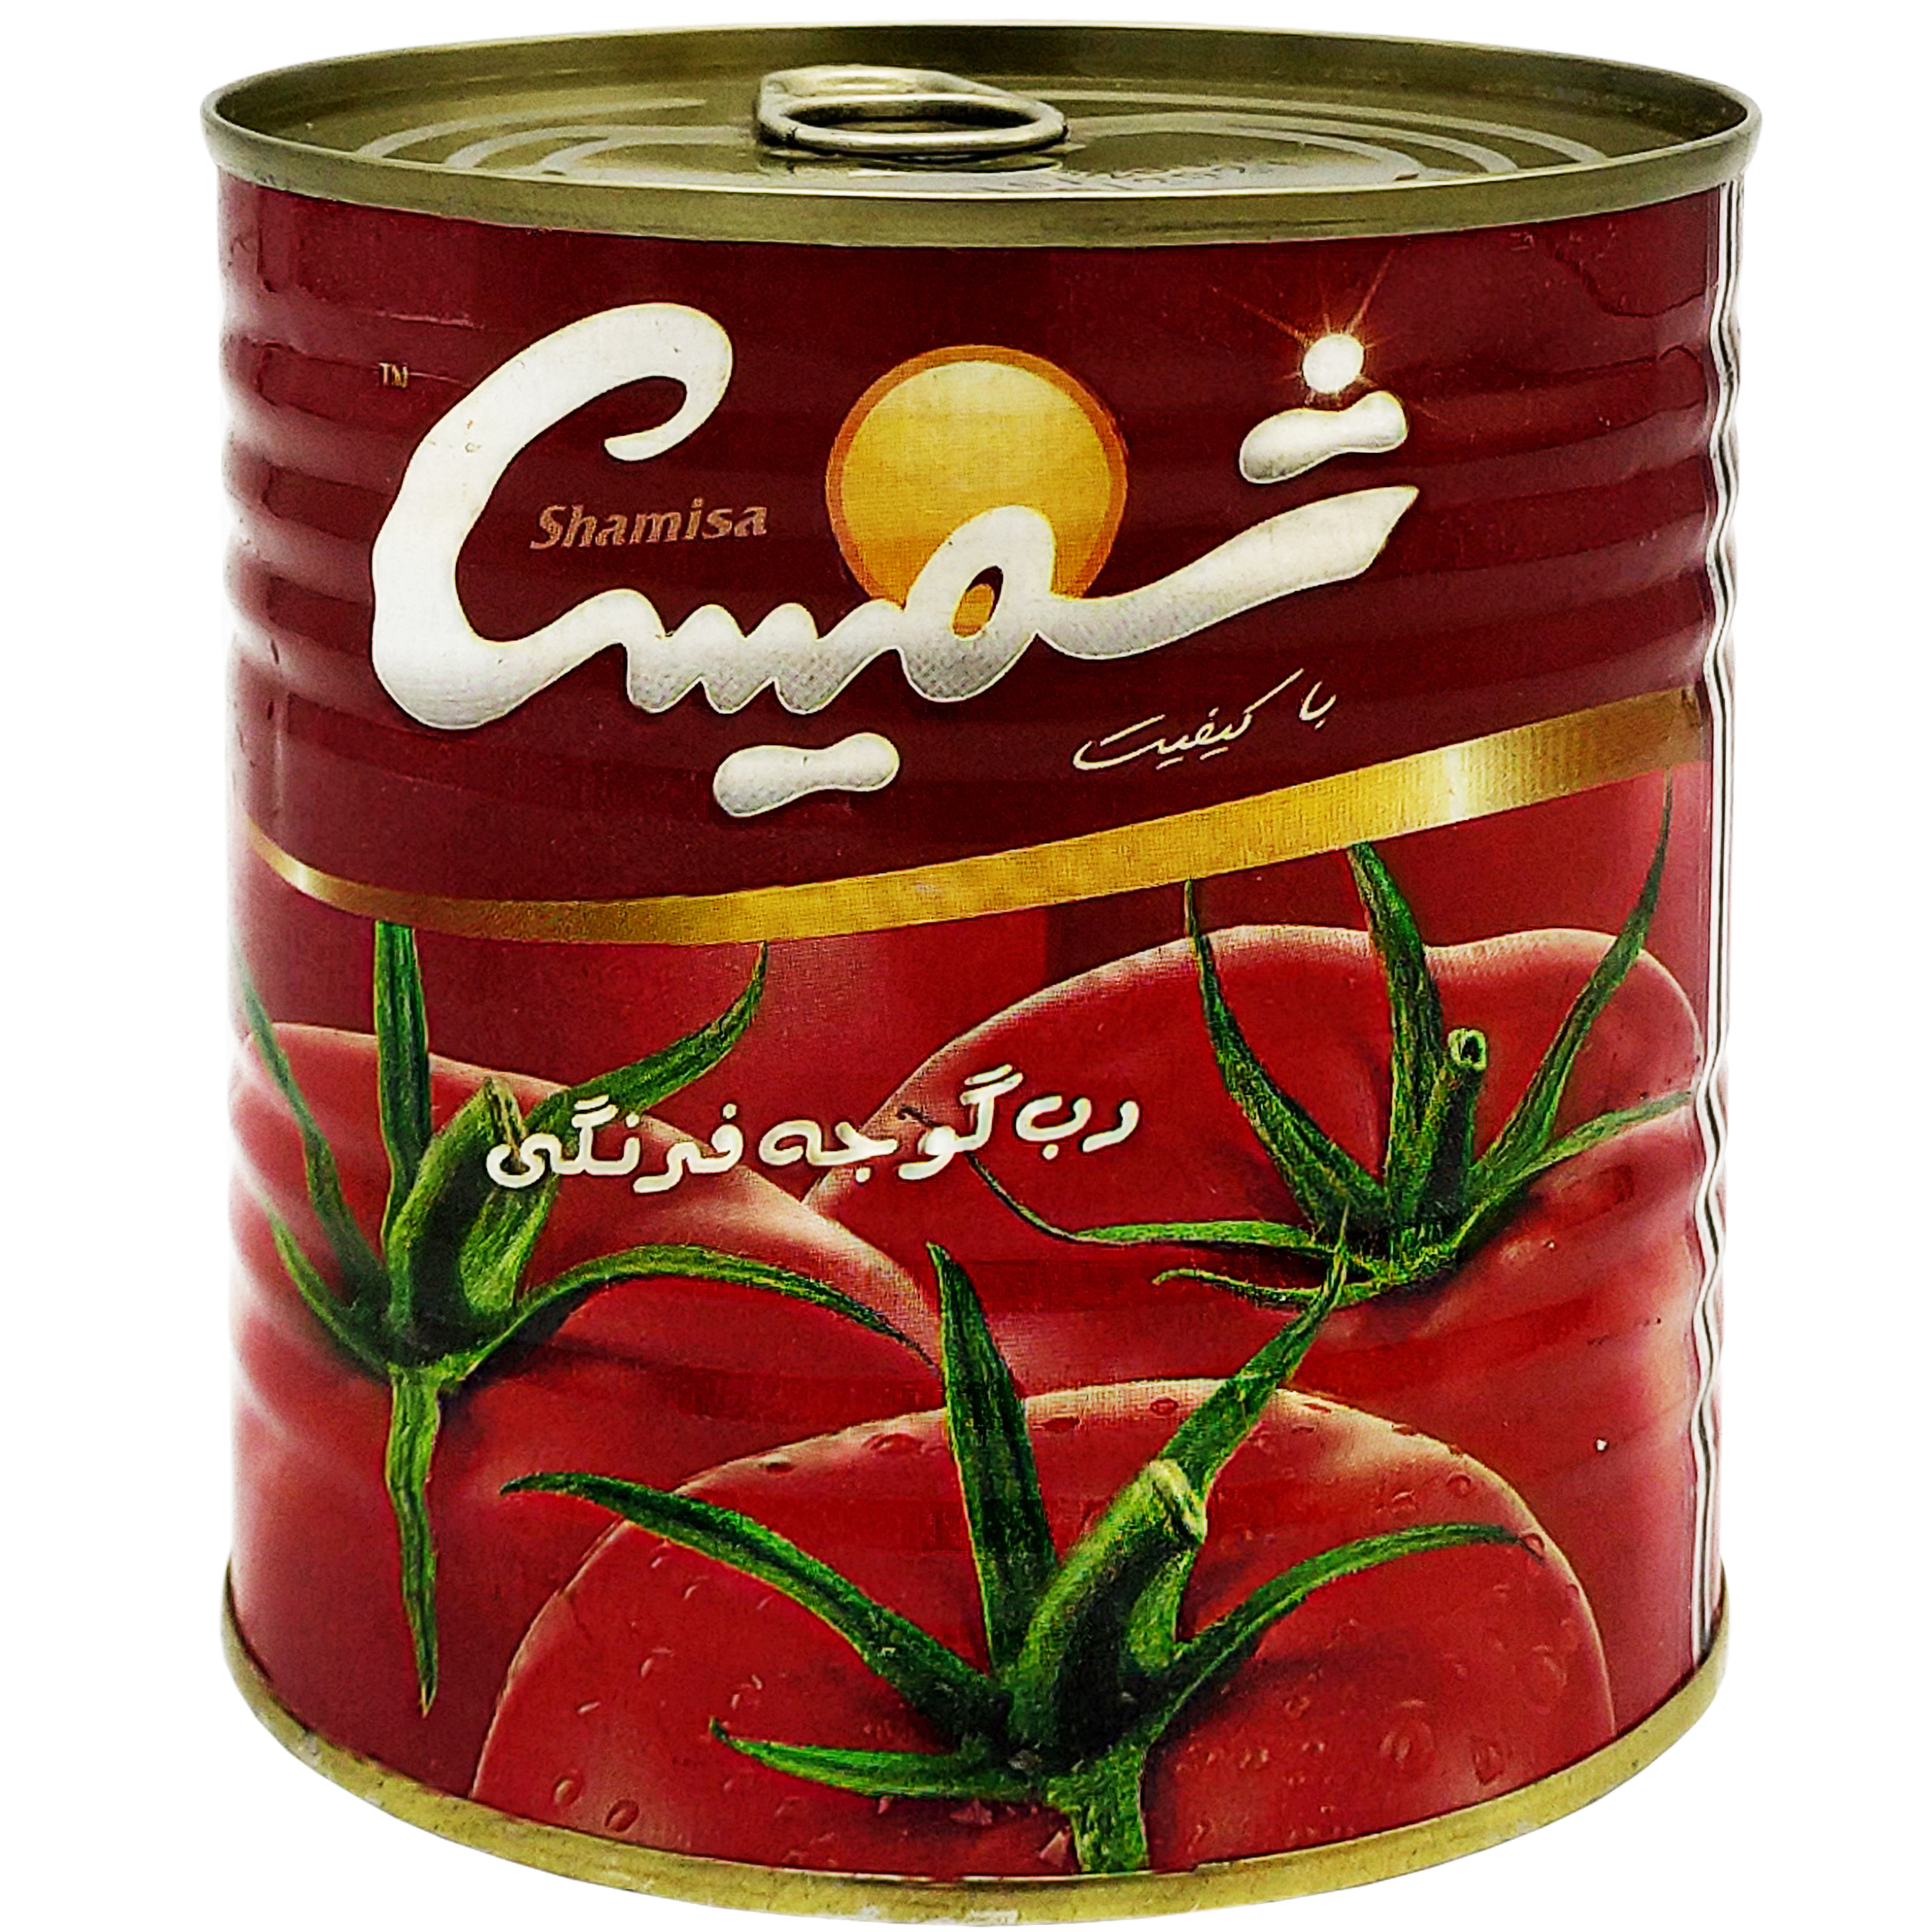 رب گوجه فرنگی شمیسا - 800 گرم